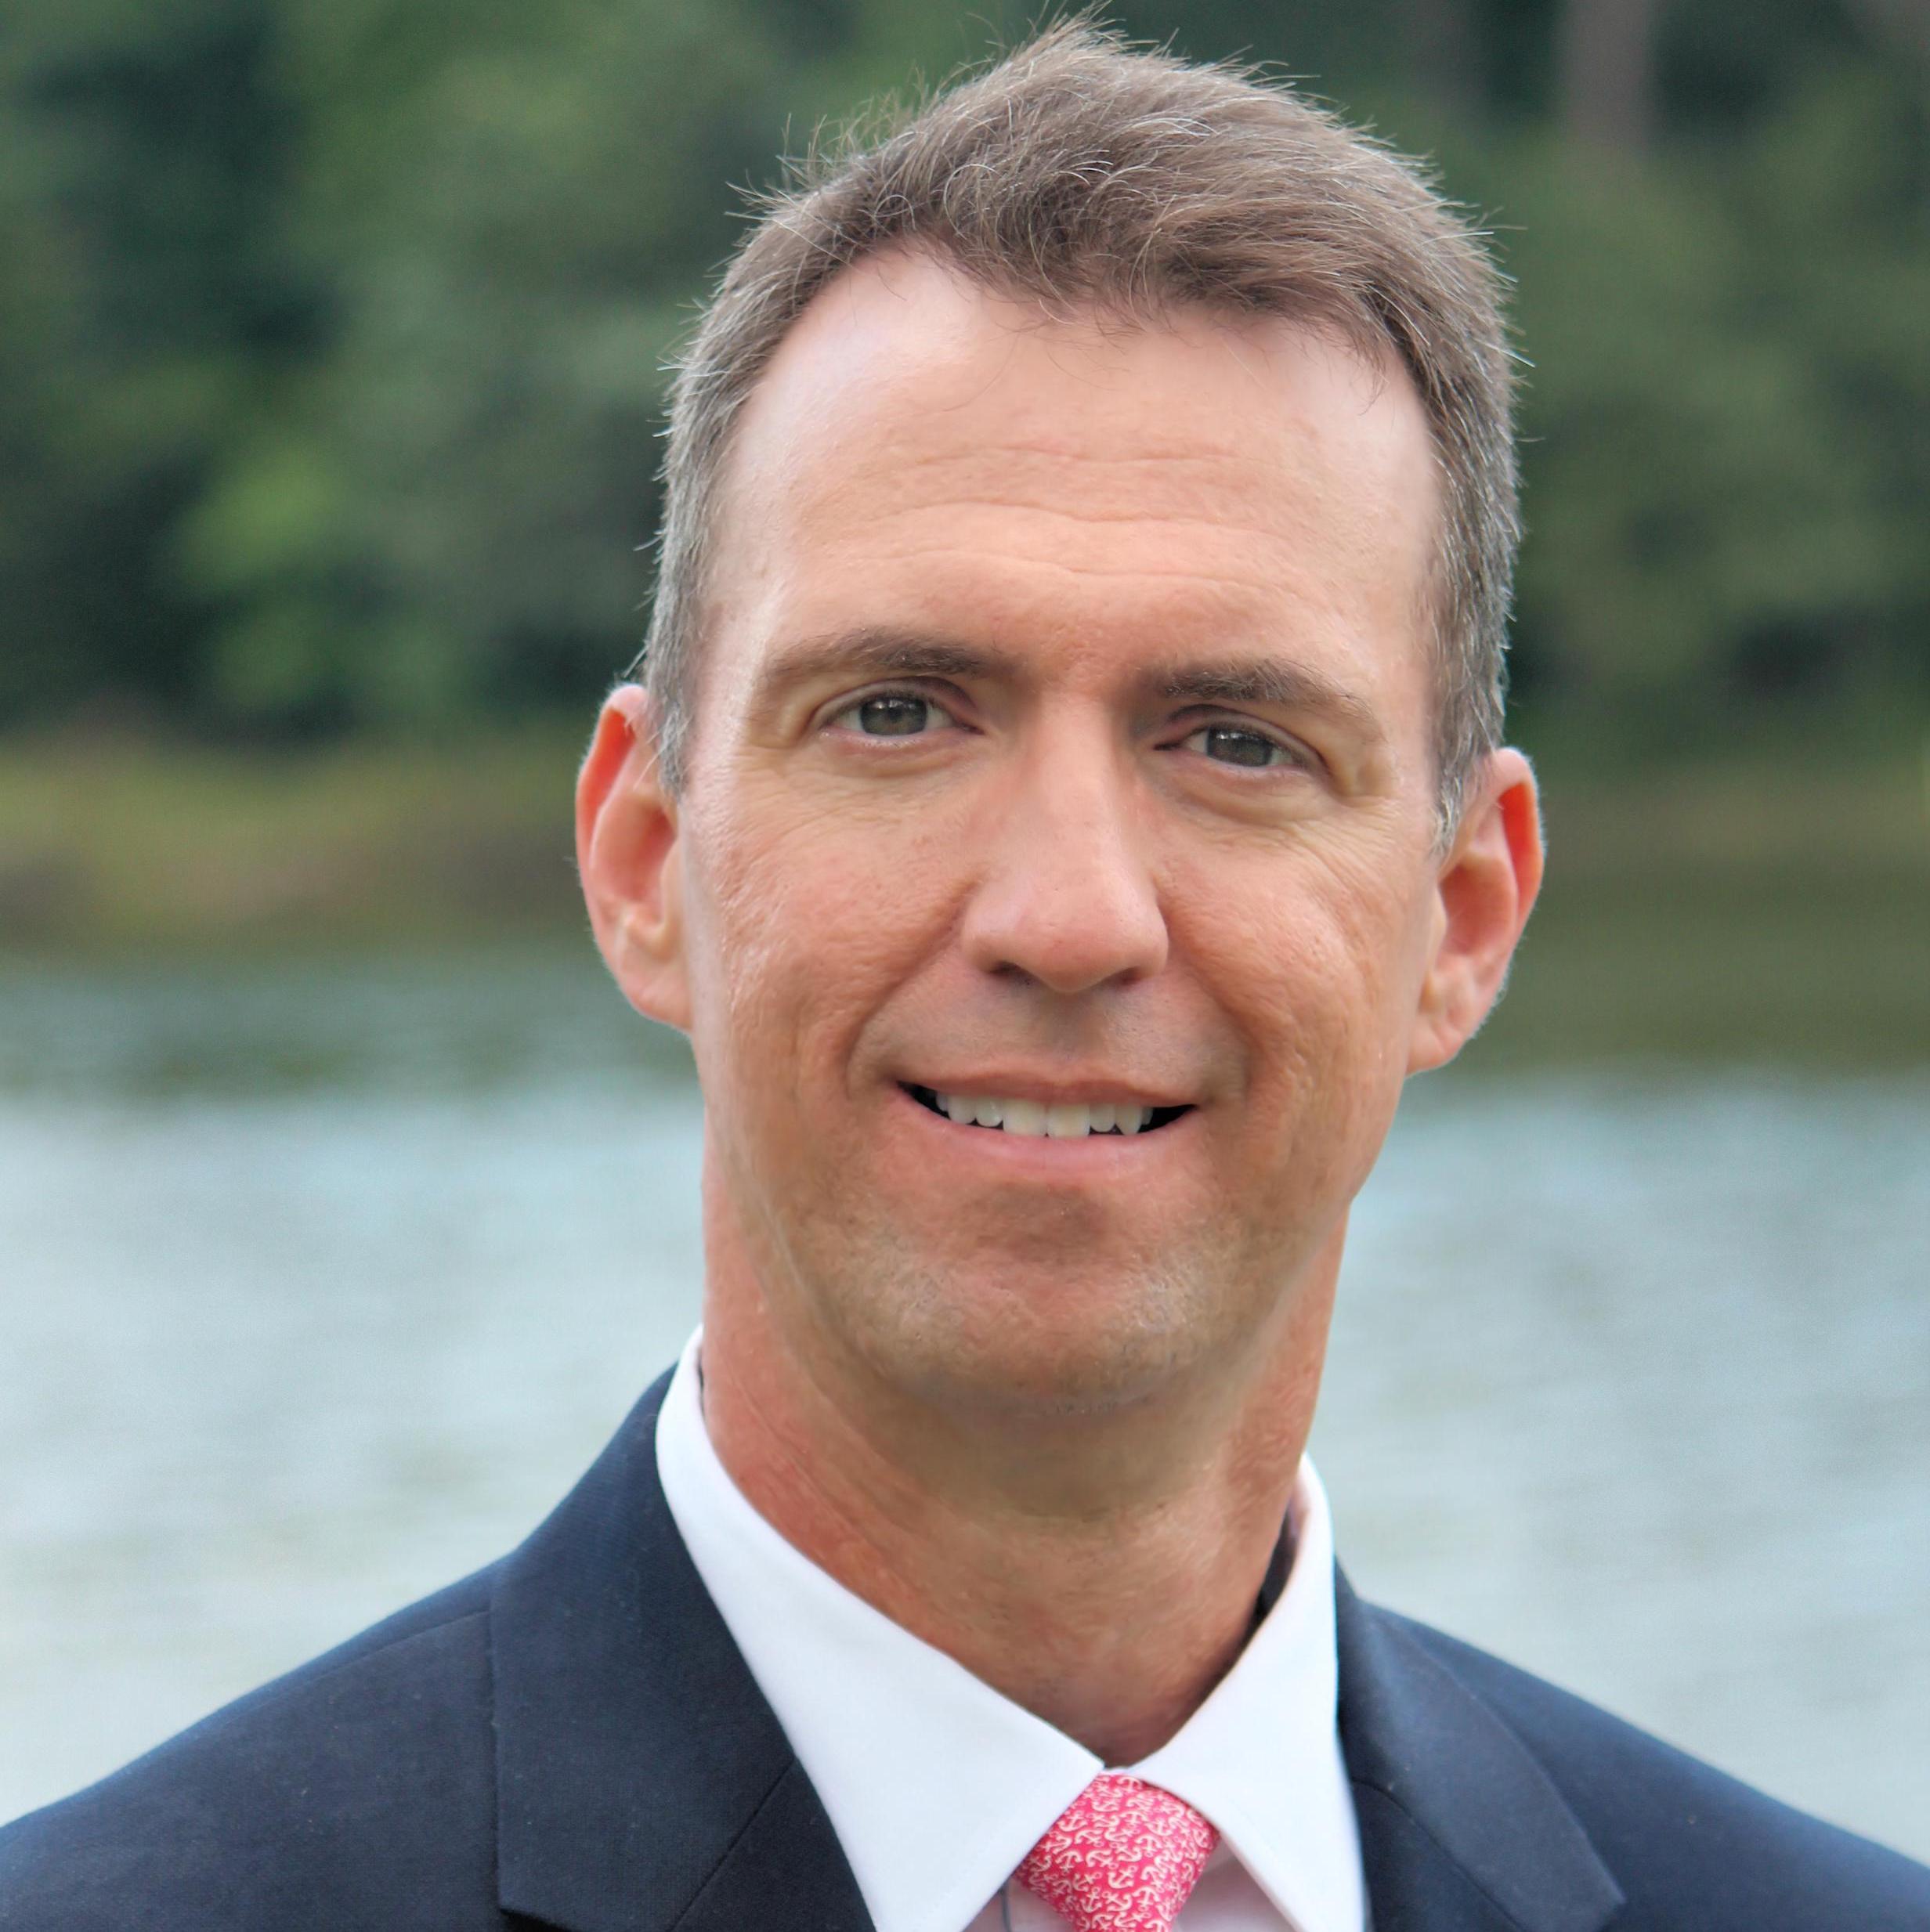 Eric Gessler